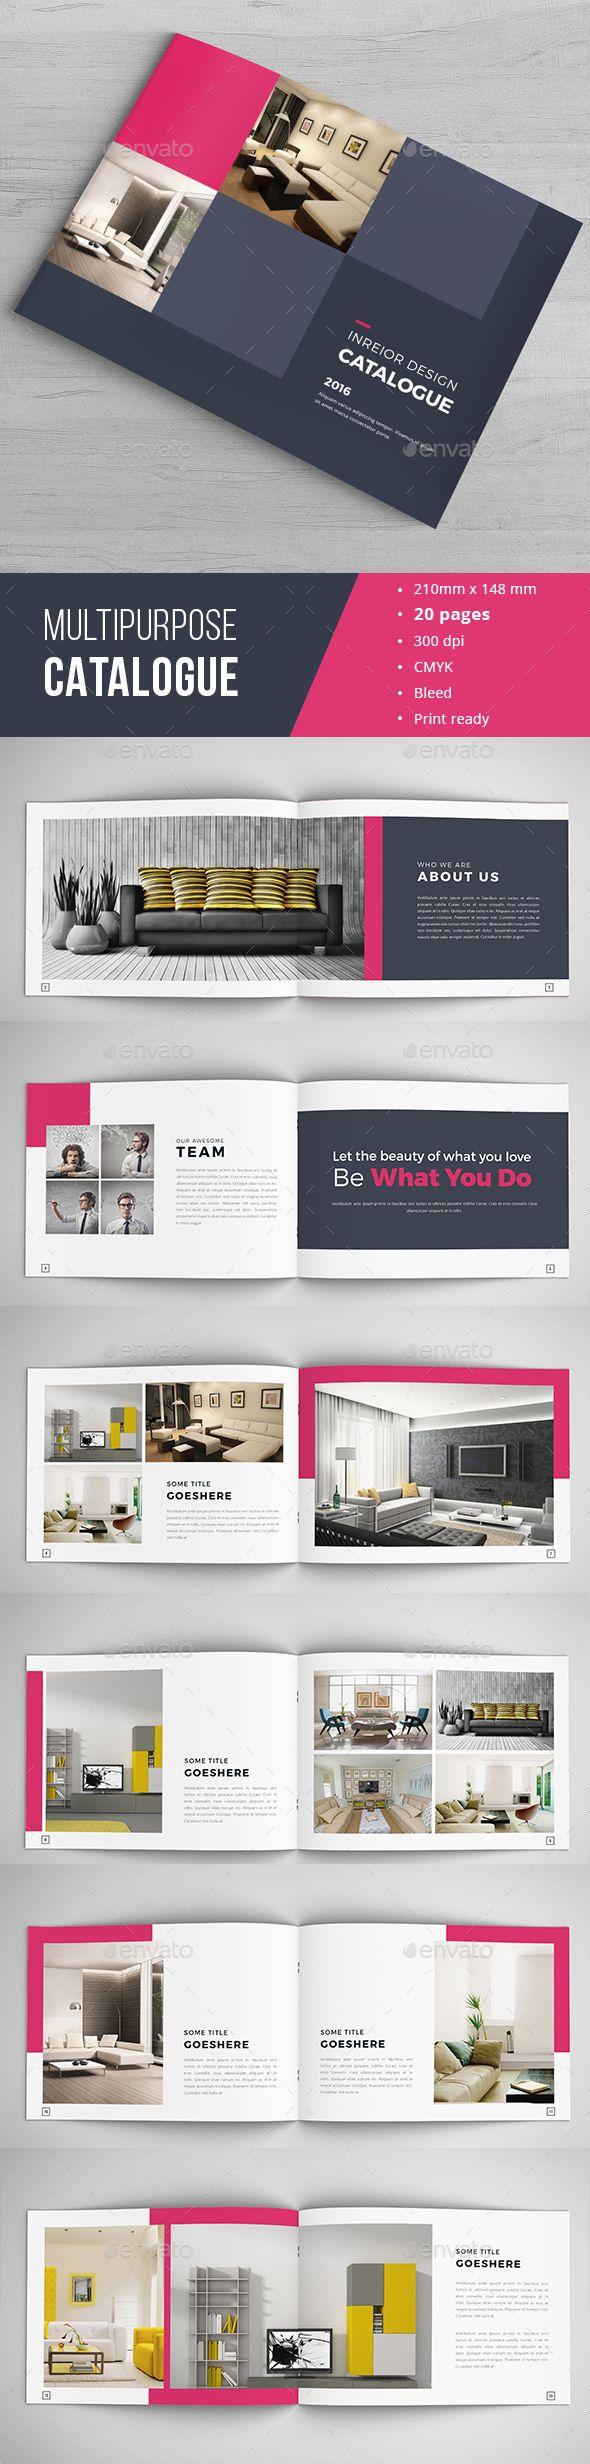 Minimal Indesign Catalogue | Diseño editorial, Editorial y Impreso